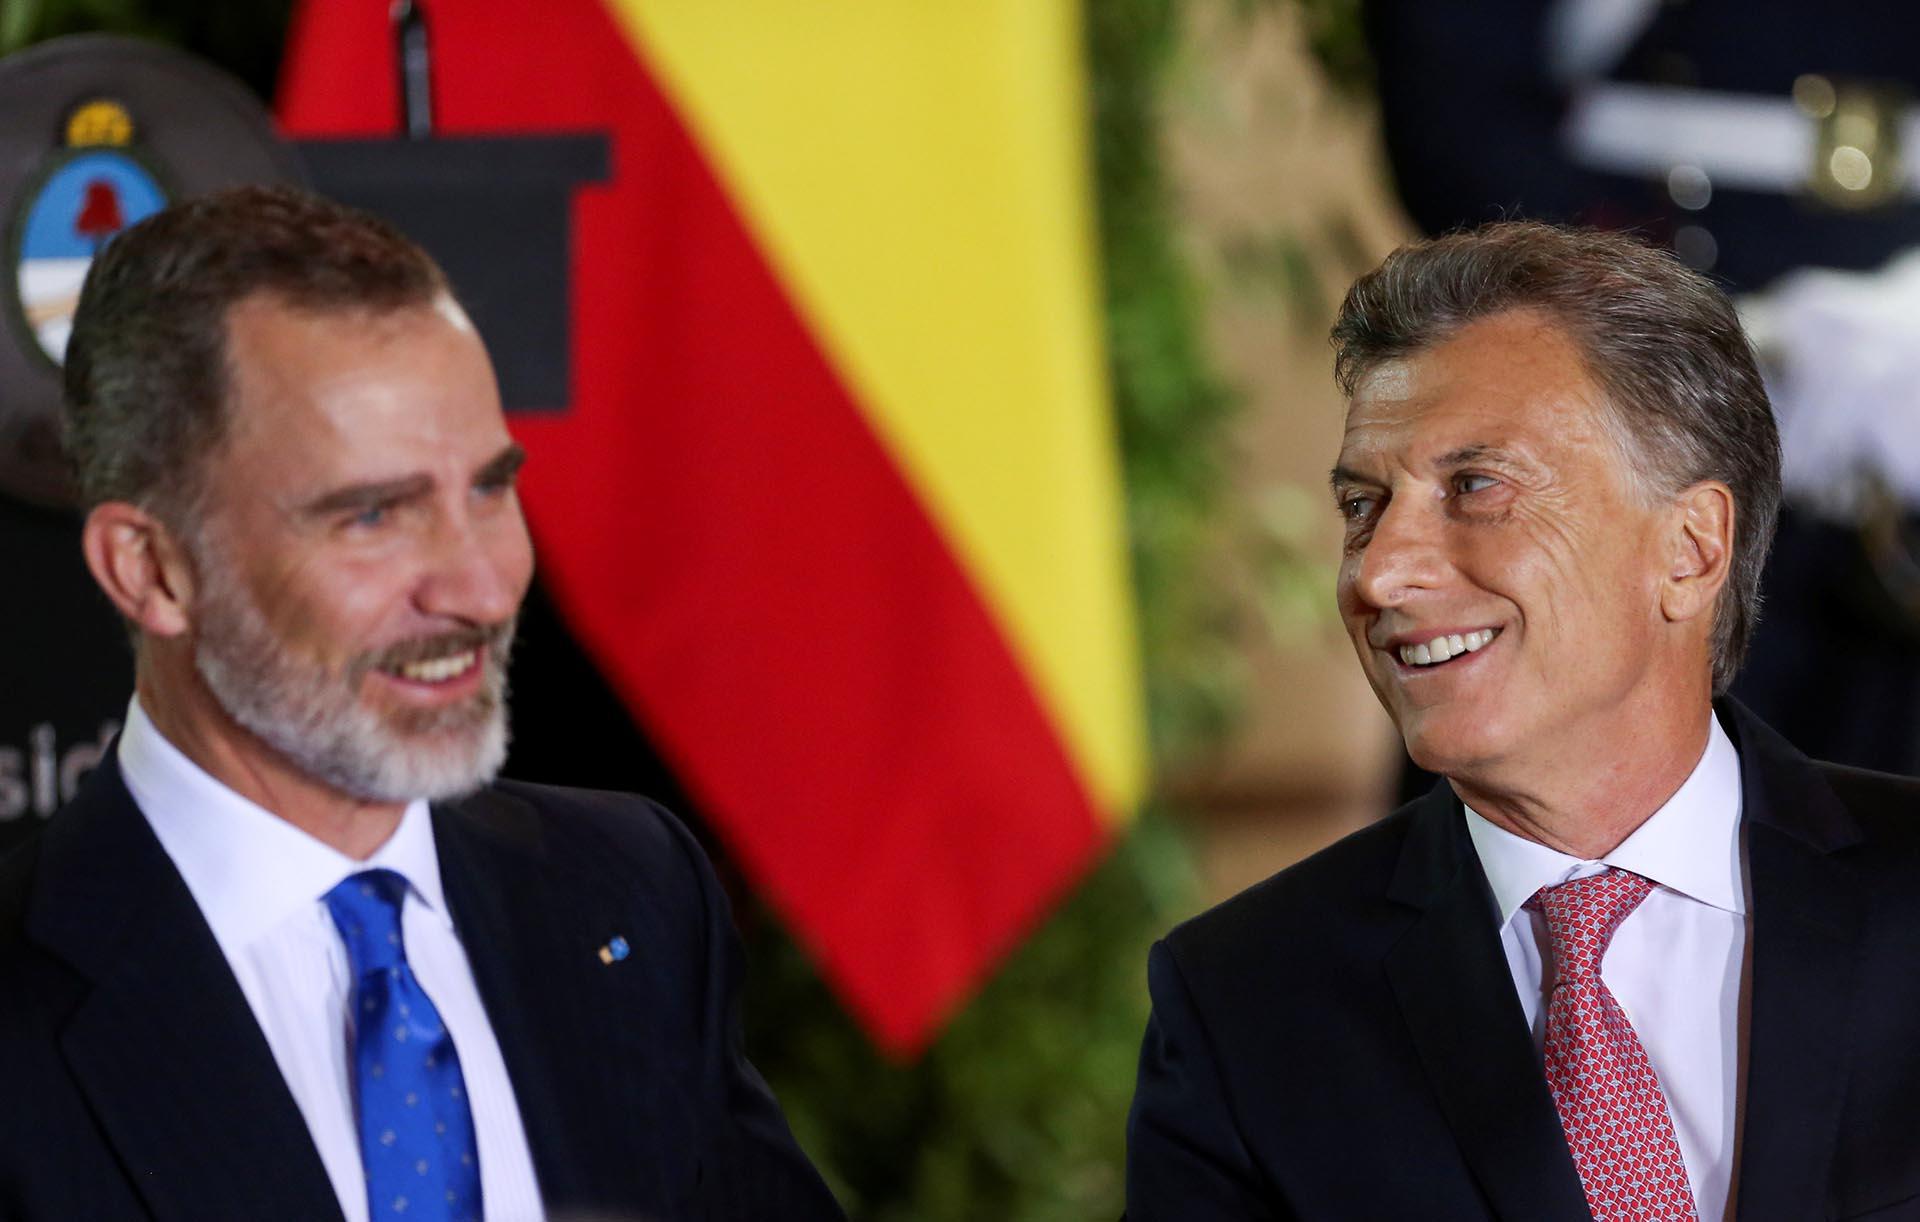 Felipe IV y Mauricio Macri seguirán reuniéndose en las próximas horas.